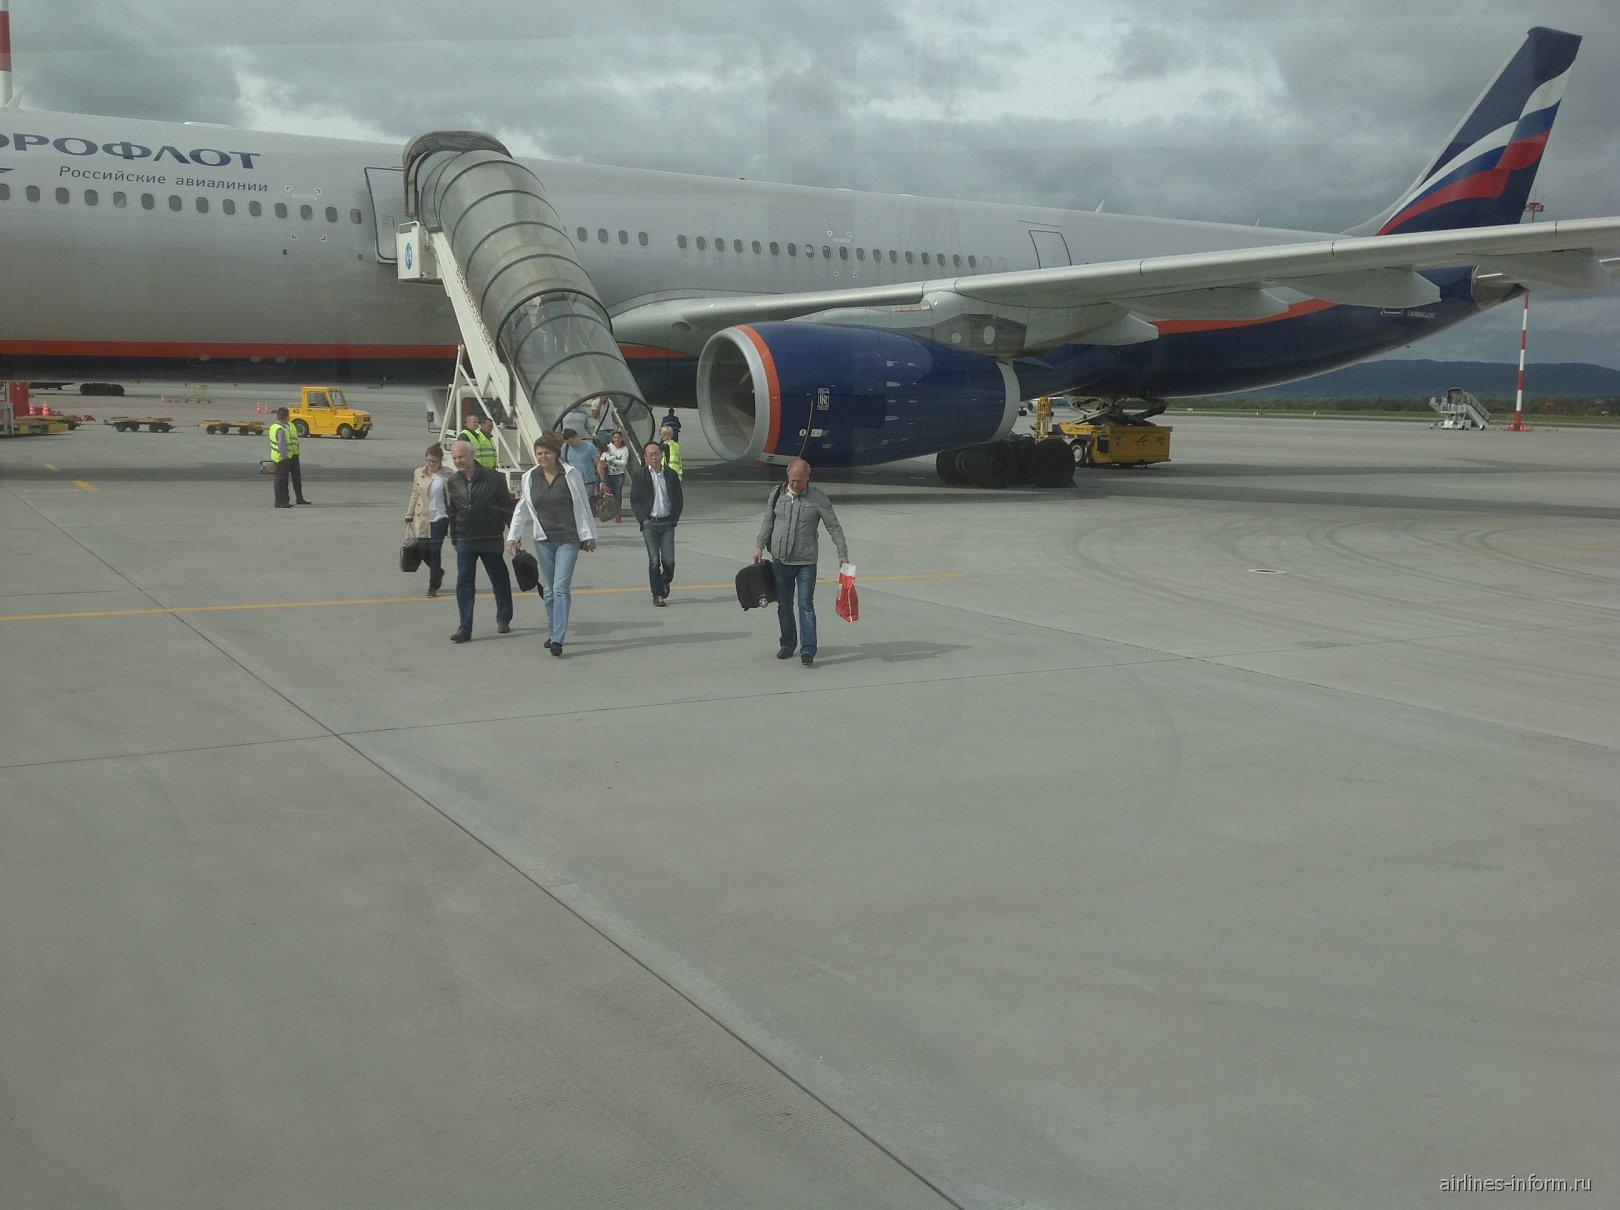 Рейс Аэрофлота прибыл во Владивосток